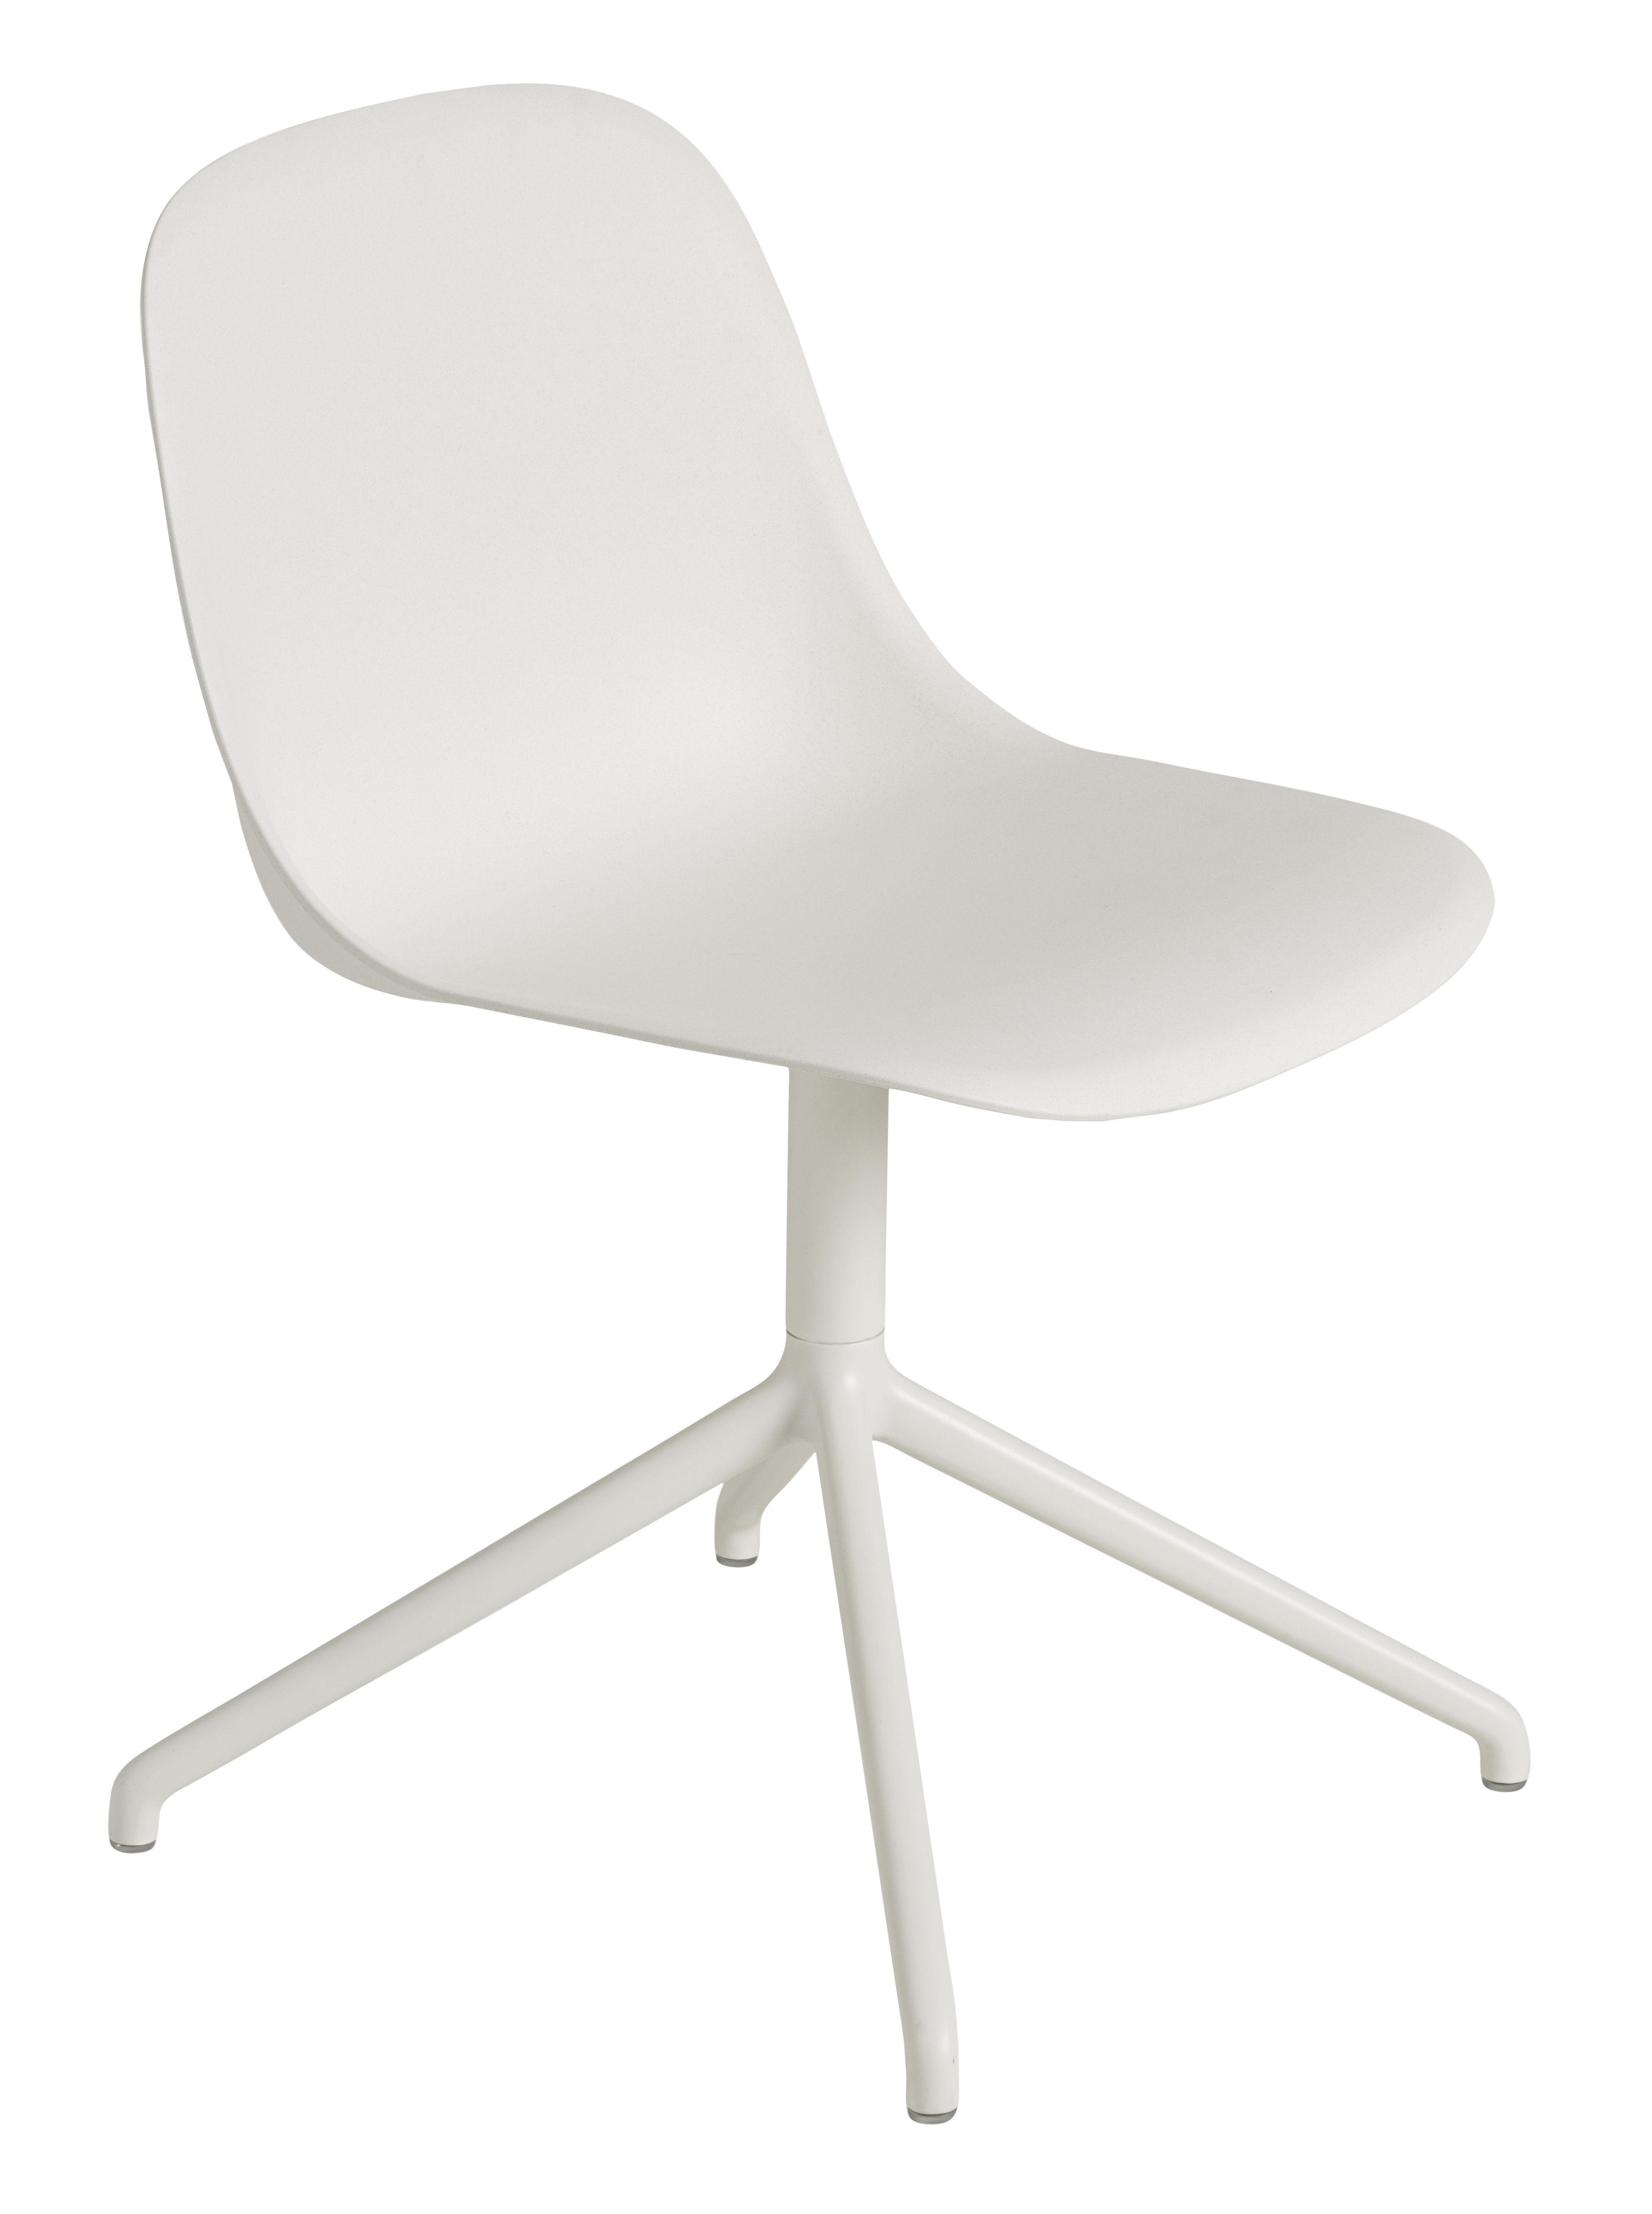 Arredamento - Sedie  - Sedia girevole Fiber - Muuto - Bianco / Gambe bianche - alluminio verniciato, Matériau composite recyclé